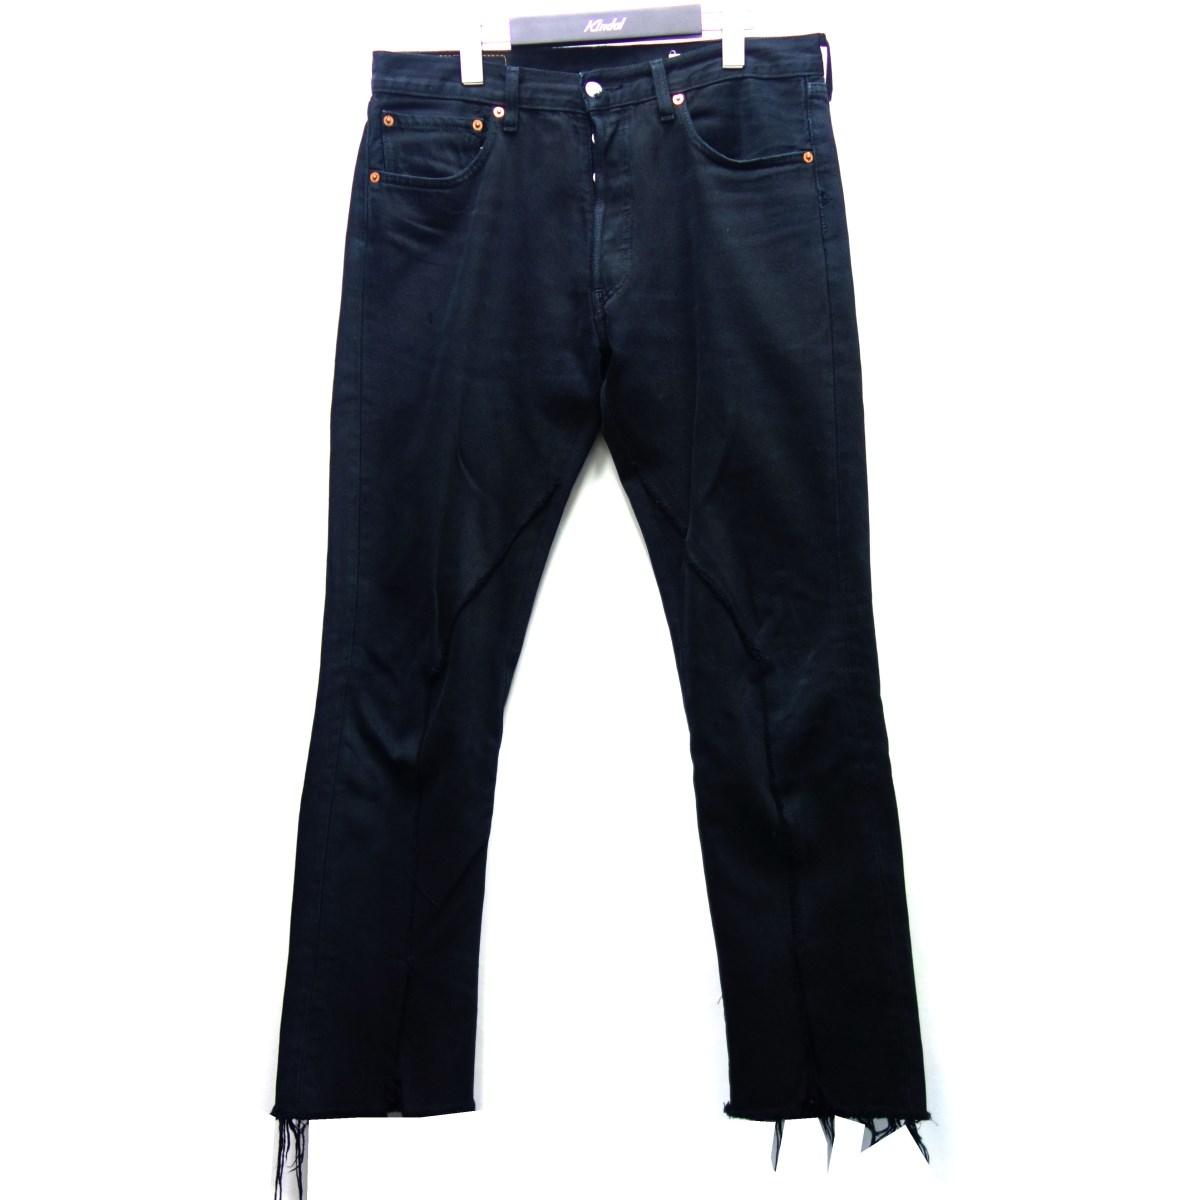 【中古】OLD サイズ:M Levis再構築デニムパンツ PARK ブラック 【141120】(オールドパーク)